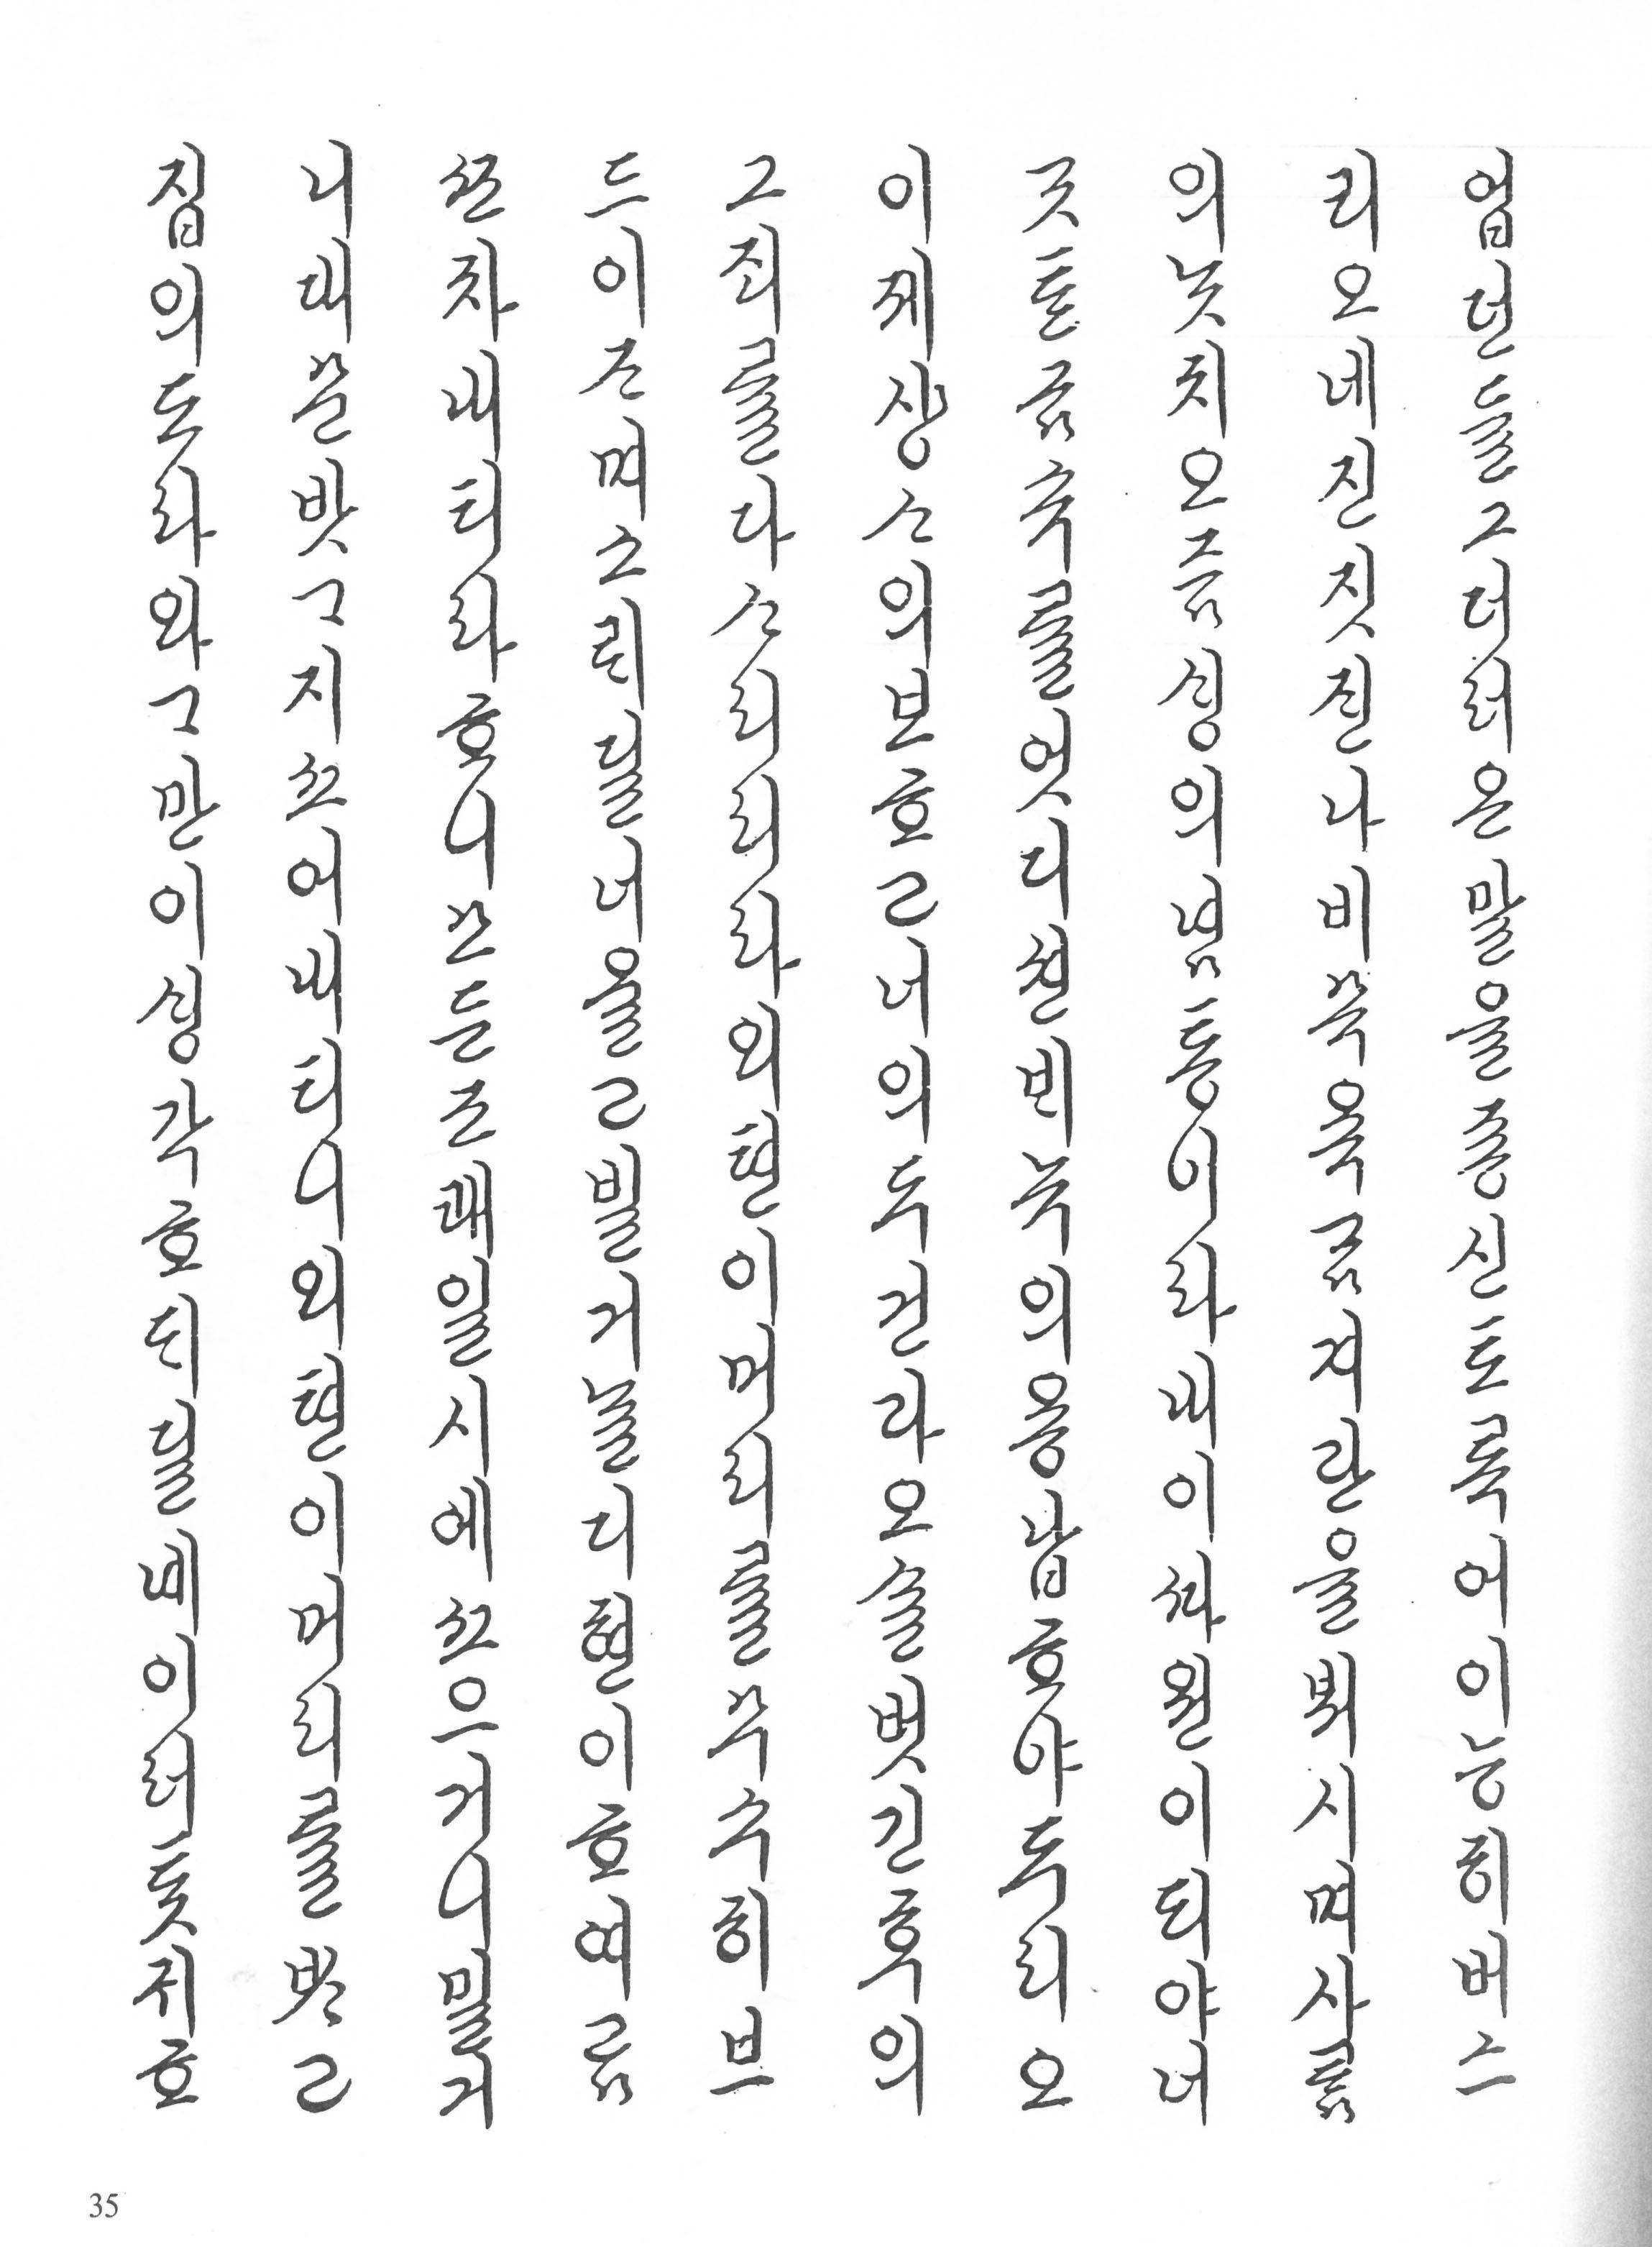 (t115A r1 이상열 06 .jpg) 성풍류. 청나라 강희 11년(1672) 무렵에 학시도인이 지은 것으로 추정되는 것을 번역한 국문 소설이다. 필사본으로 7권 7책으로 구성되어 있다. 명교를 중시하는 보수성을 띠고 있는 한편 , 명나라 멸망 이후 충군보국의 열정을 강요하게 된 시대 정신을 반영하고 있다. 궁체흘림으로 쓰였으며 흘려 쓴 글이 대부분 거친 반면 유연한 형태를 하고 있어 부드러운 느낌을 준다.